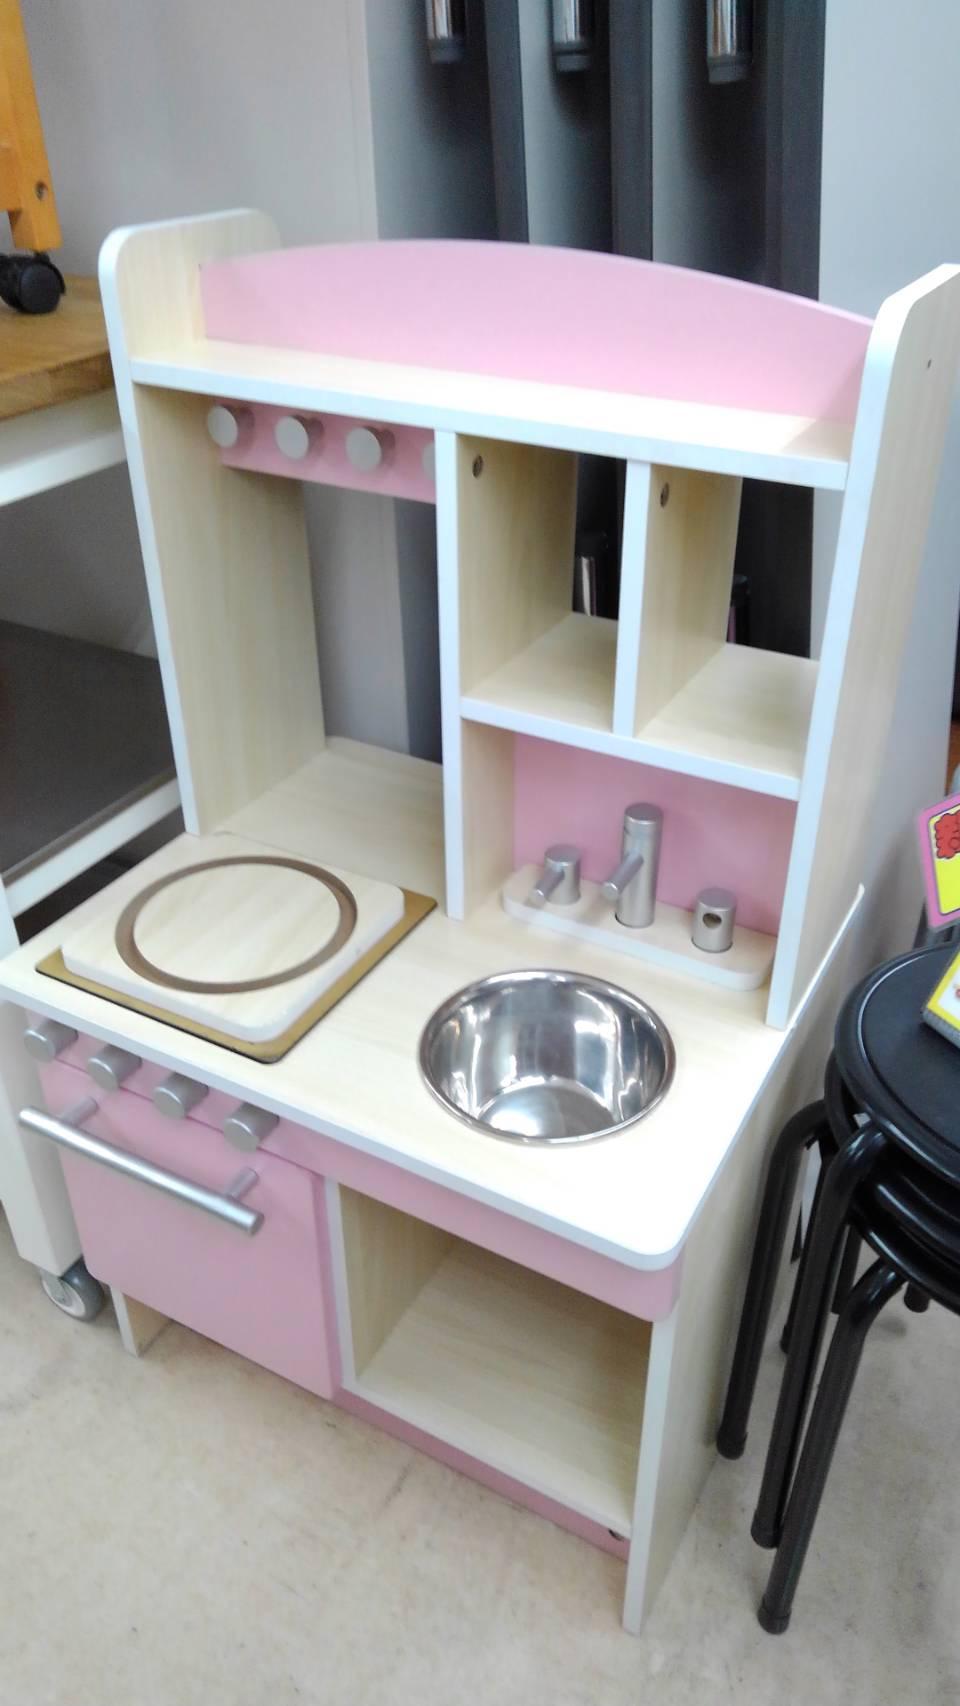 【ままごとキッチン おもちゃ 玩具  キッチン  木製 ままごとセット】買い取り致しました!の買取-